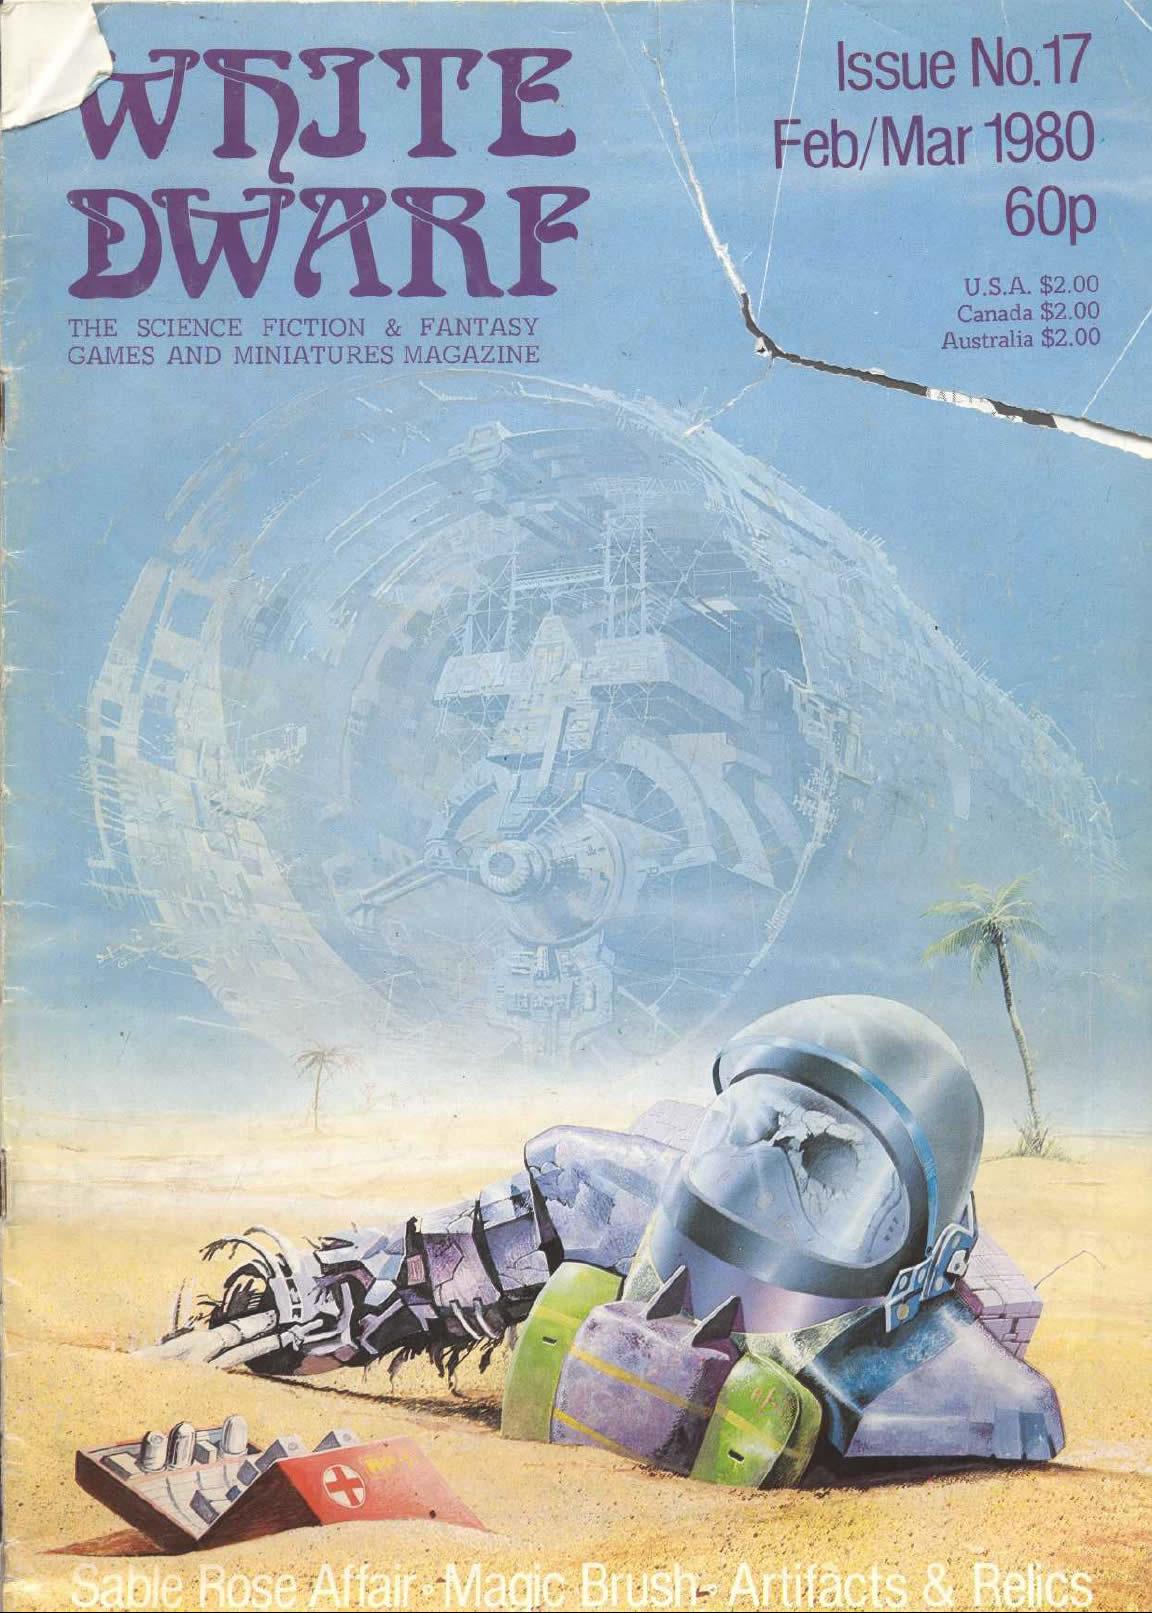 White Dwarf 17